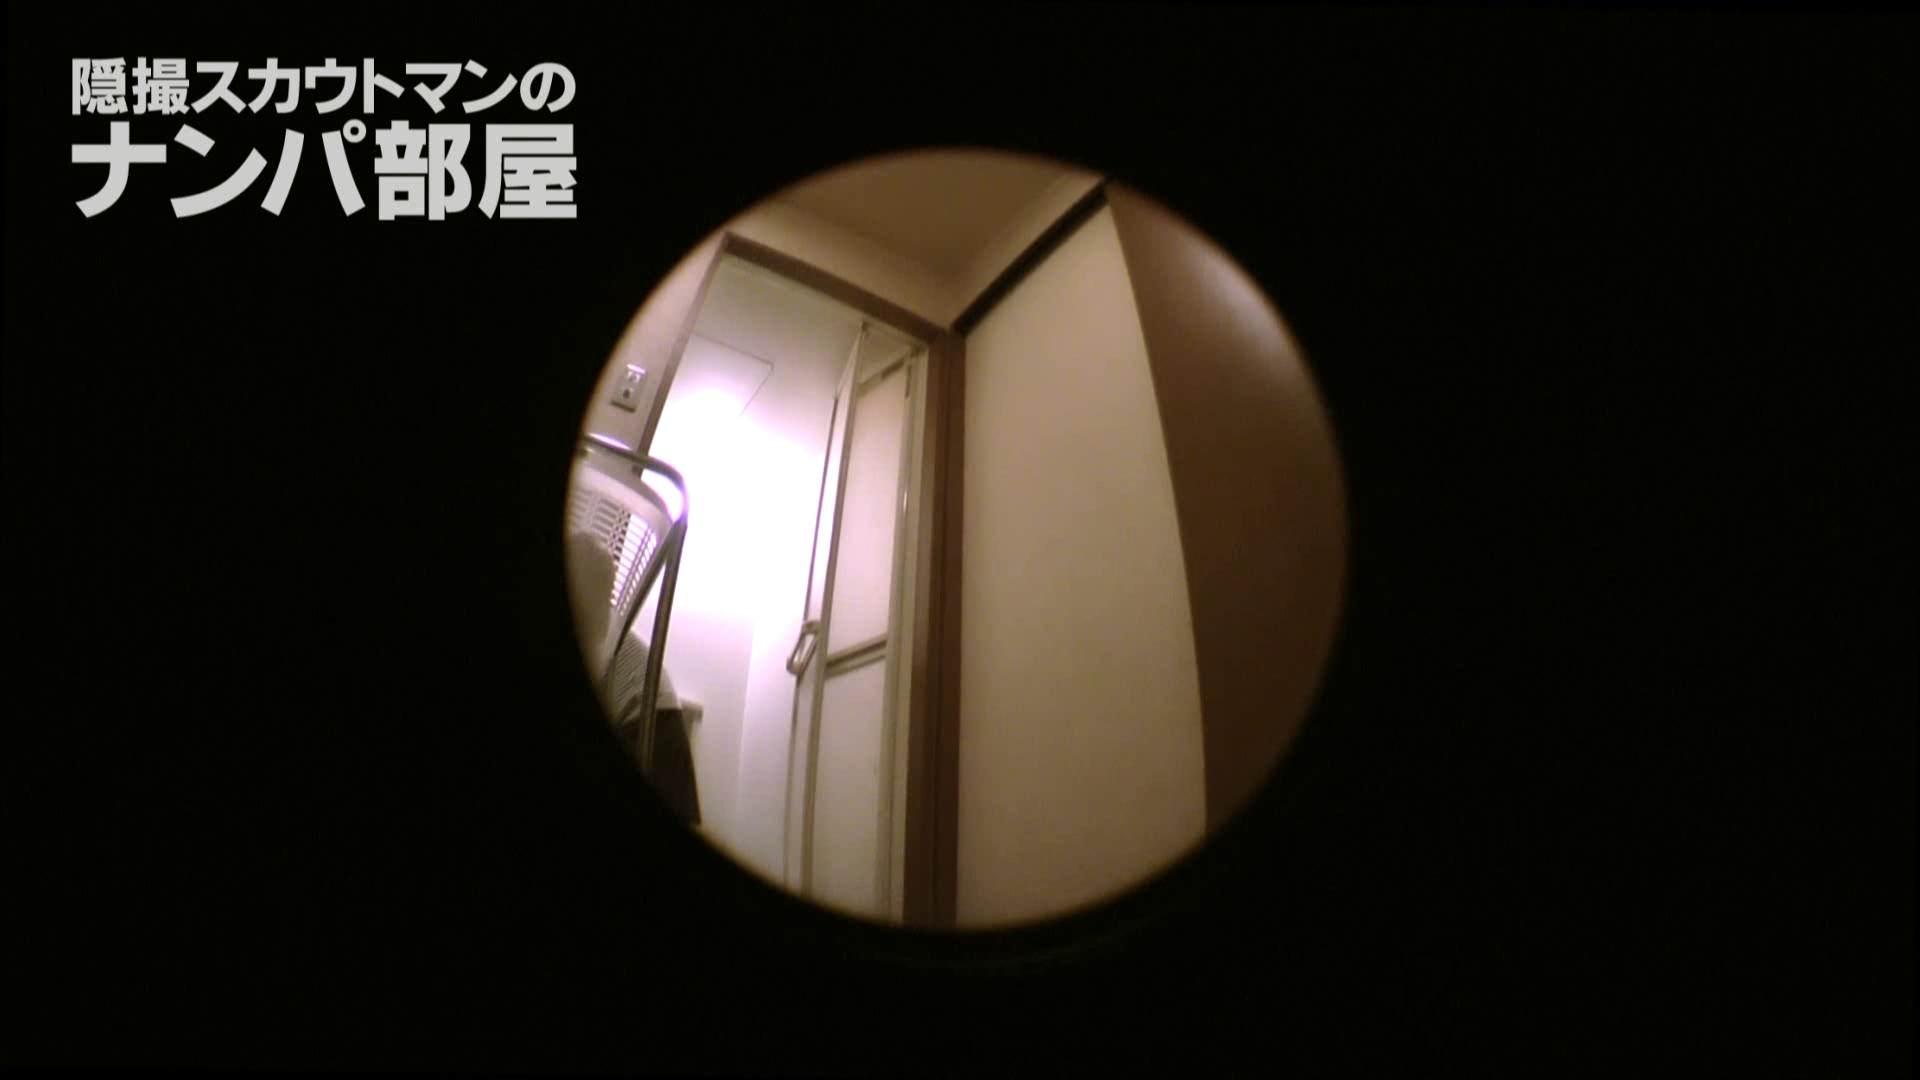 隠撮スカウトマンのナンパ部屋~風俗デビュー前のつまみ食い~ siivol.3 隠撮 オマンコ動画キャプチャ 12pic 3